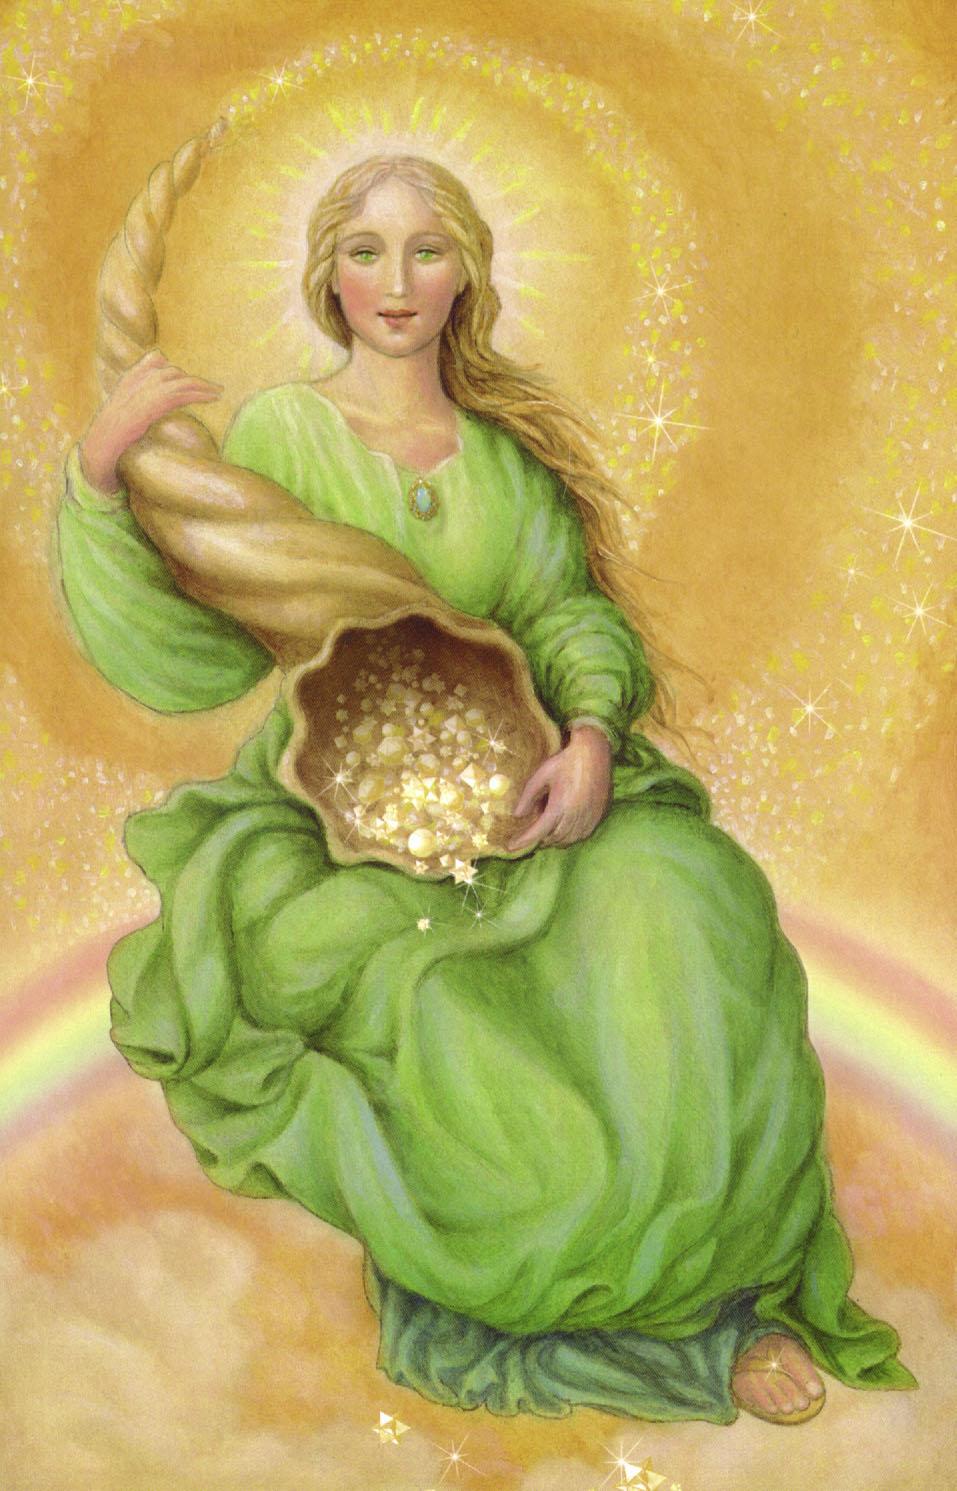 Абунданция - Прекрасная богиня успеха, процветания, достатка и удачливой судьбы